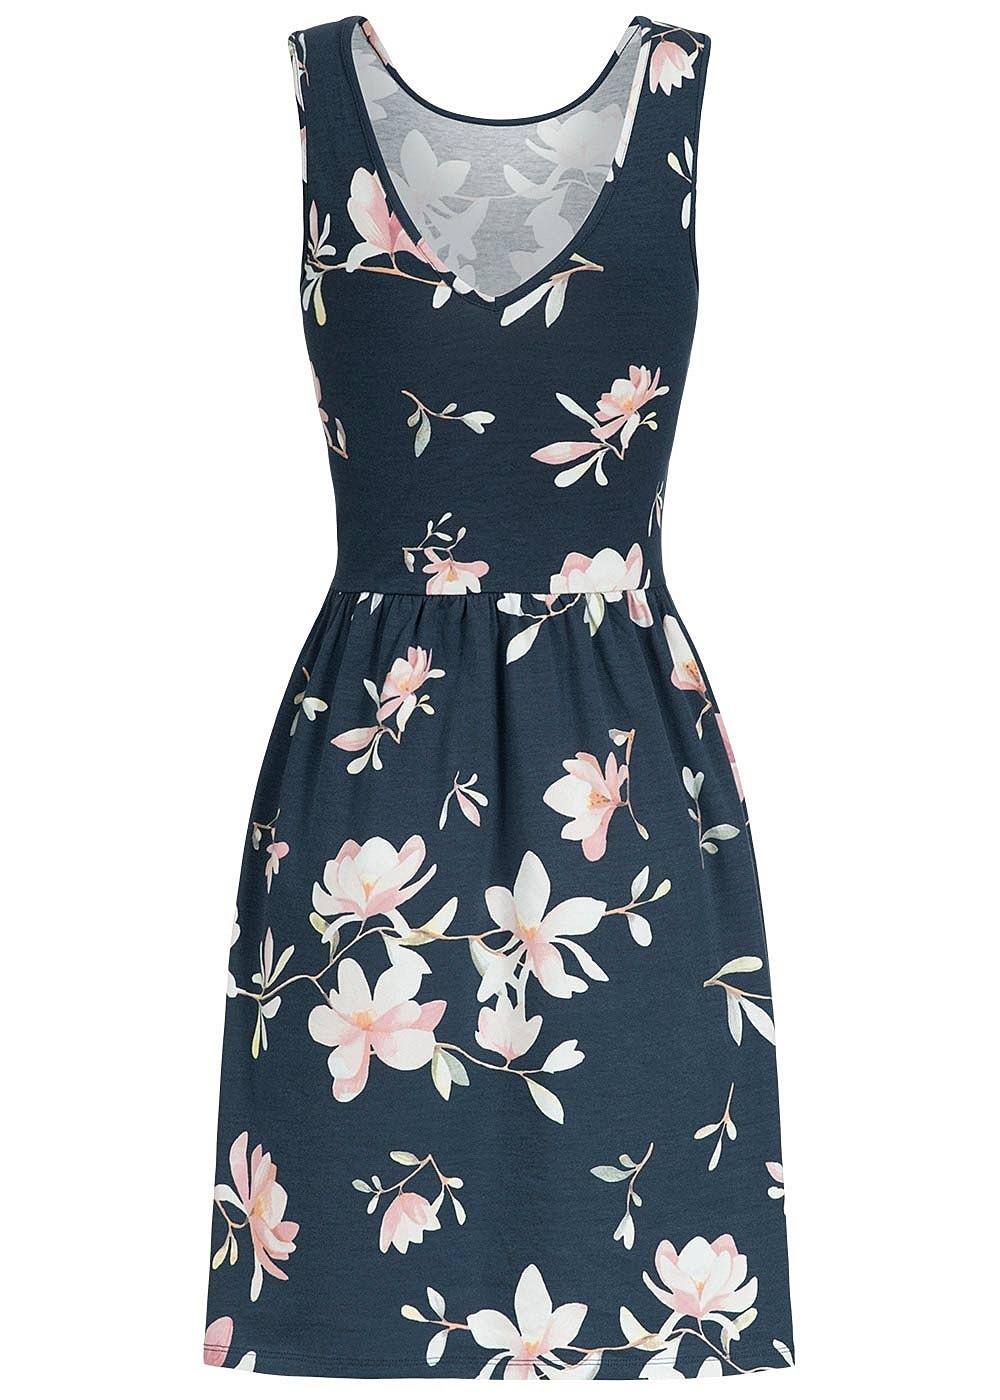 Designer Perfekt Blaues Kleid Mit Blumen Boutique10 Luxurius Blaues Kleid Mit Blumen Stylish